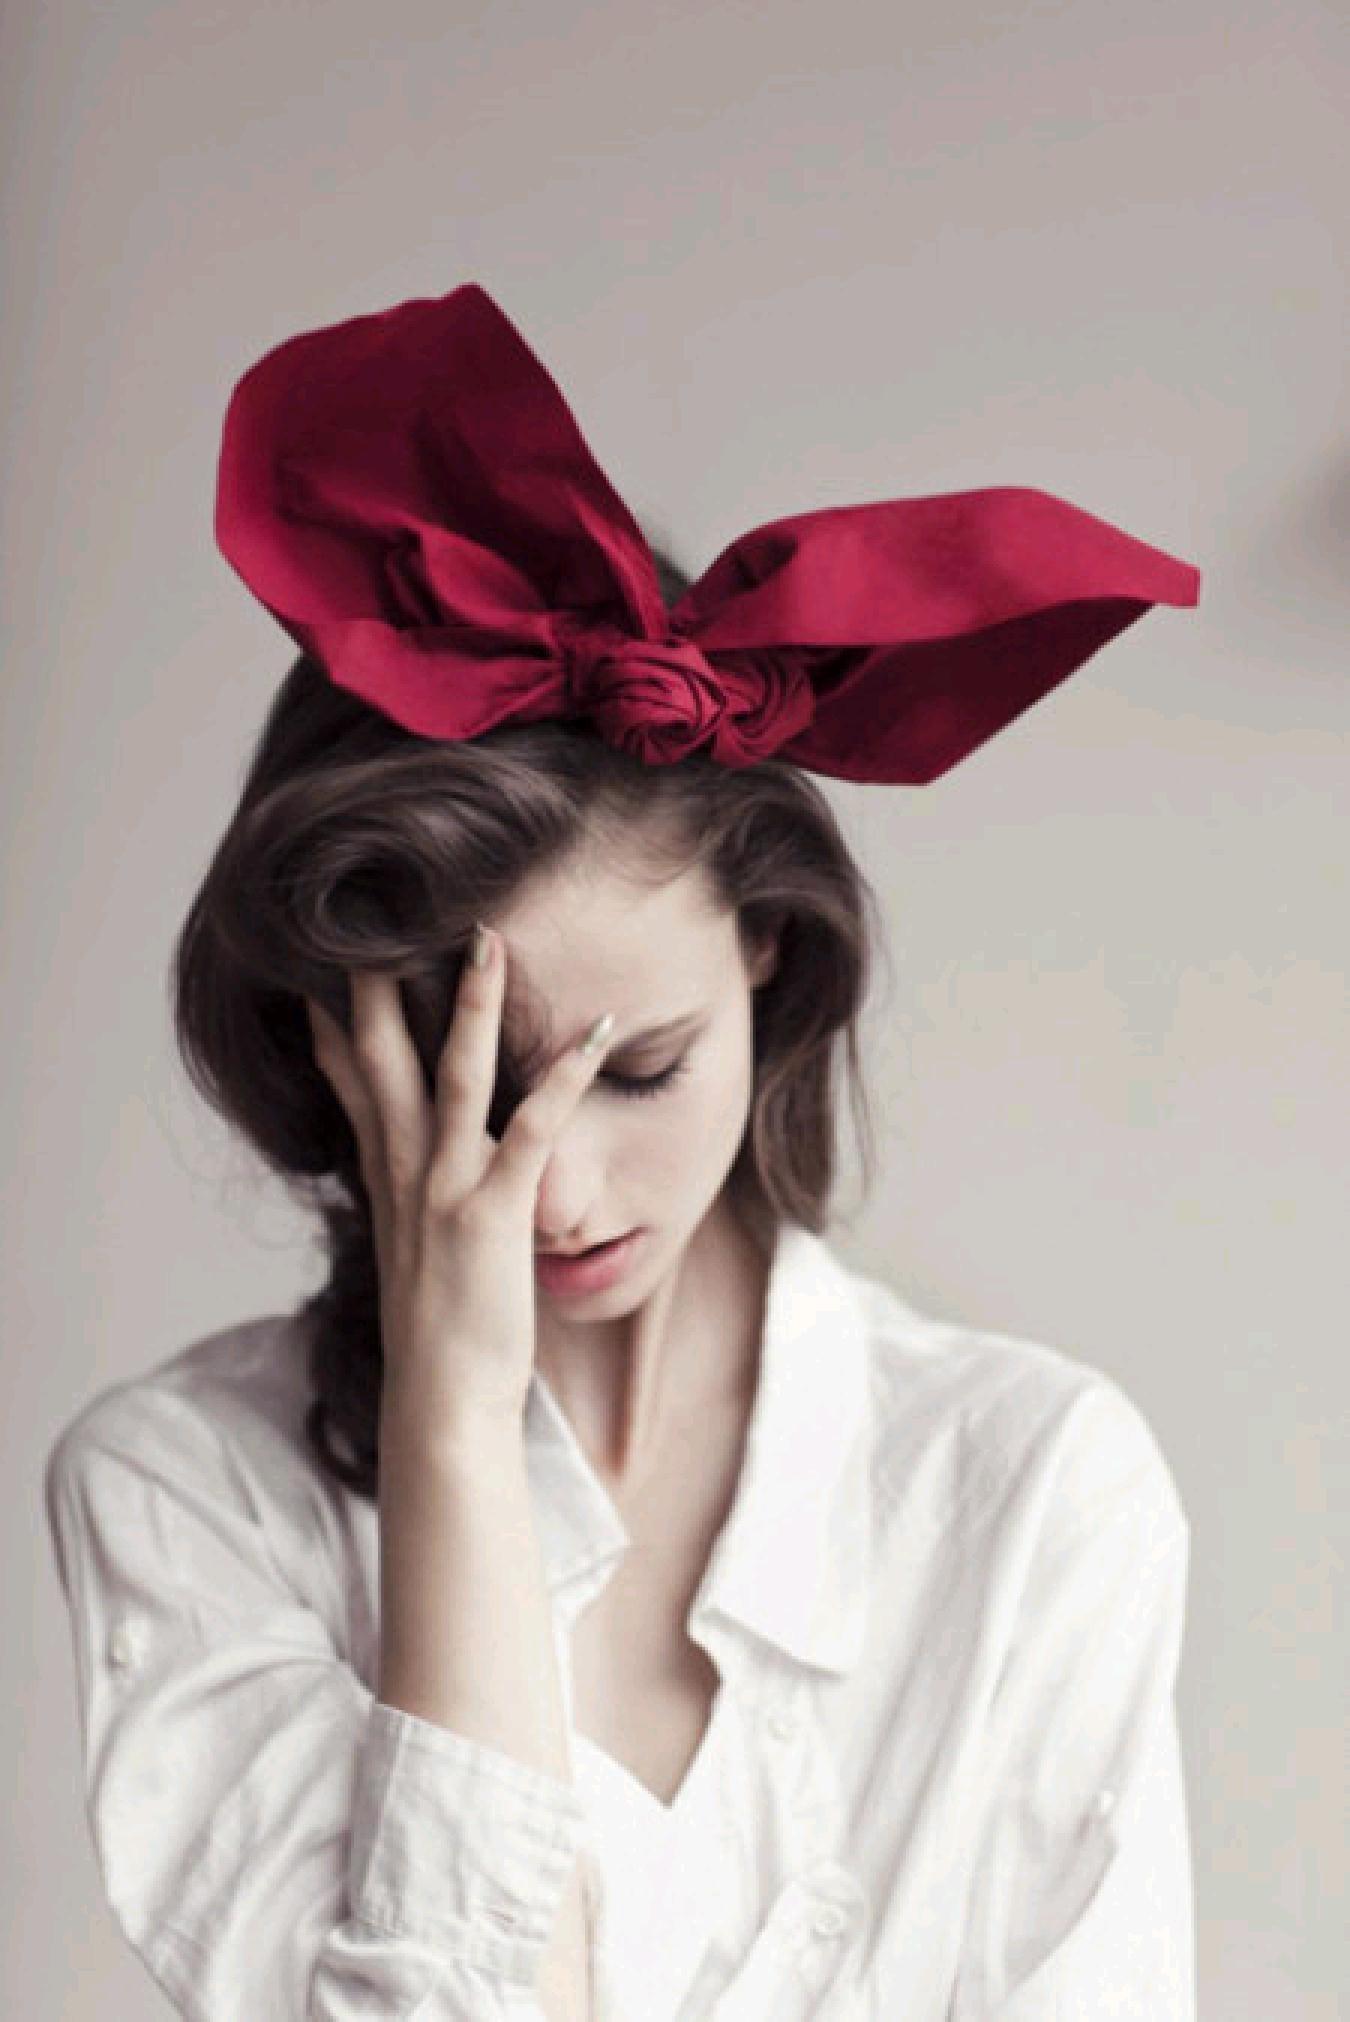 谁有这个高清的壁纸,一个外国美女头戴红蝴蝶结,要原图,大一点的,高清